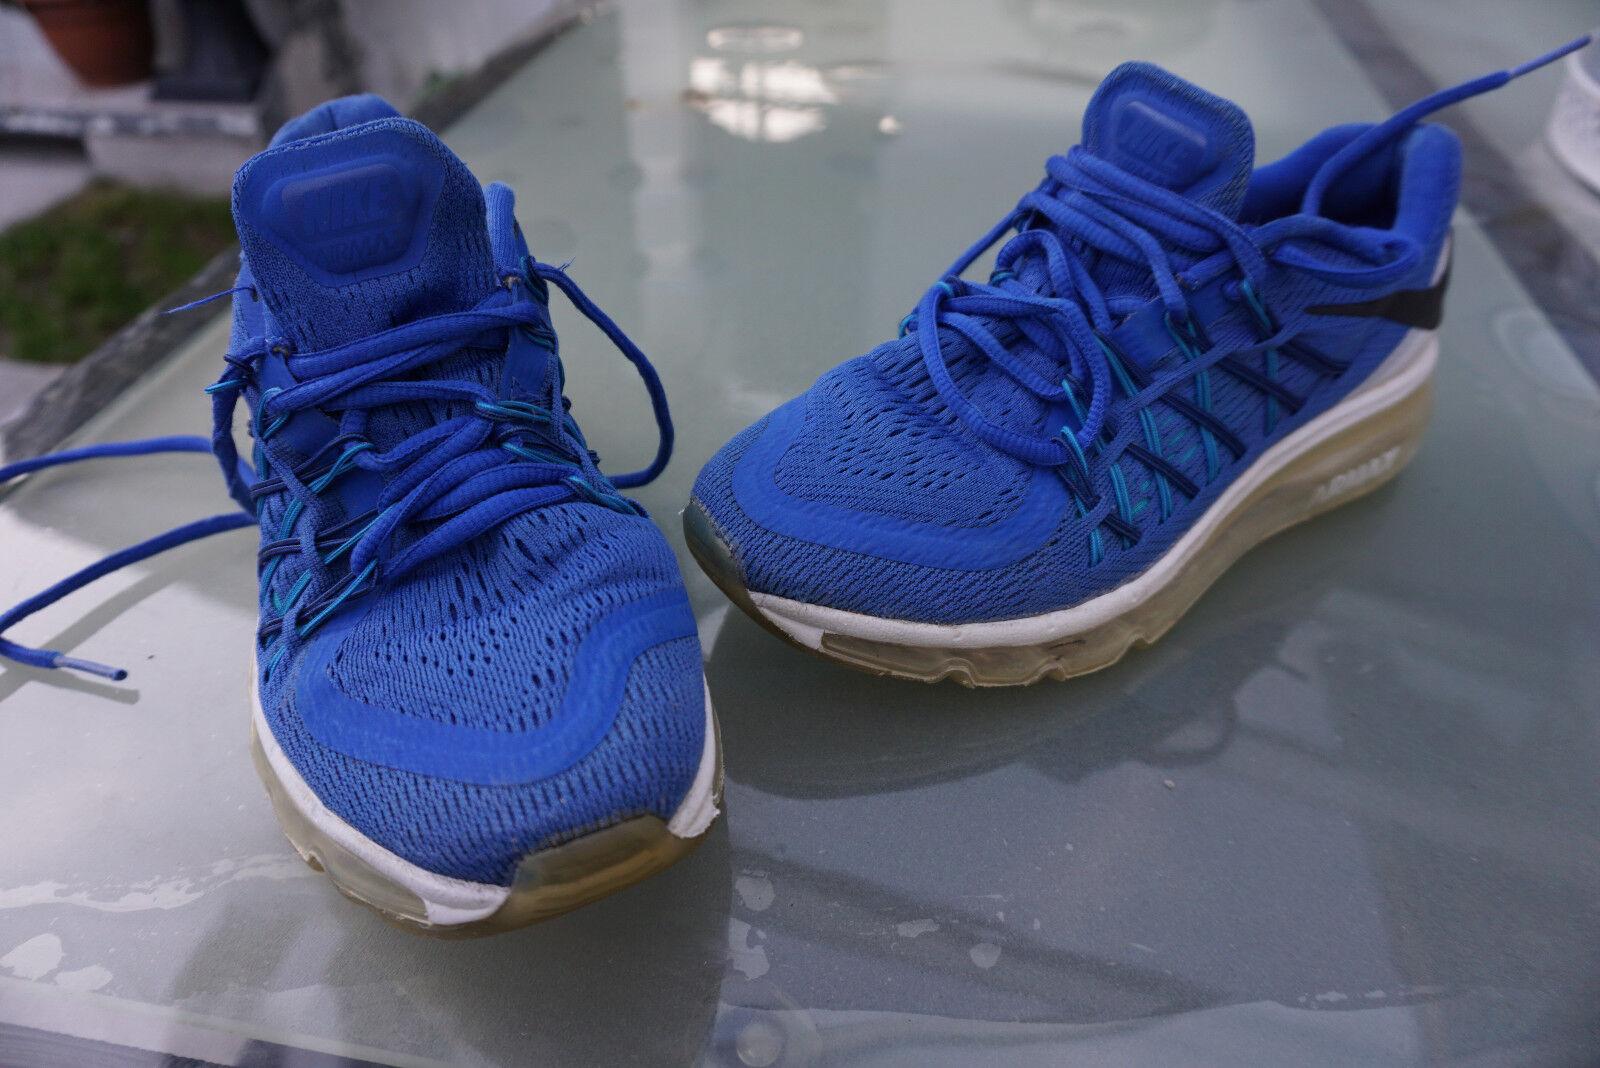 Nike Air Blau Max Game Royal 90 Blau Air Weiß Running Sneaker Schuhe Gr.36,5 blau weiß a4f9cb